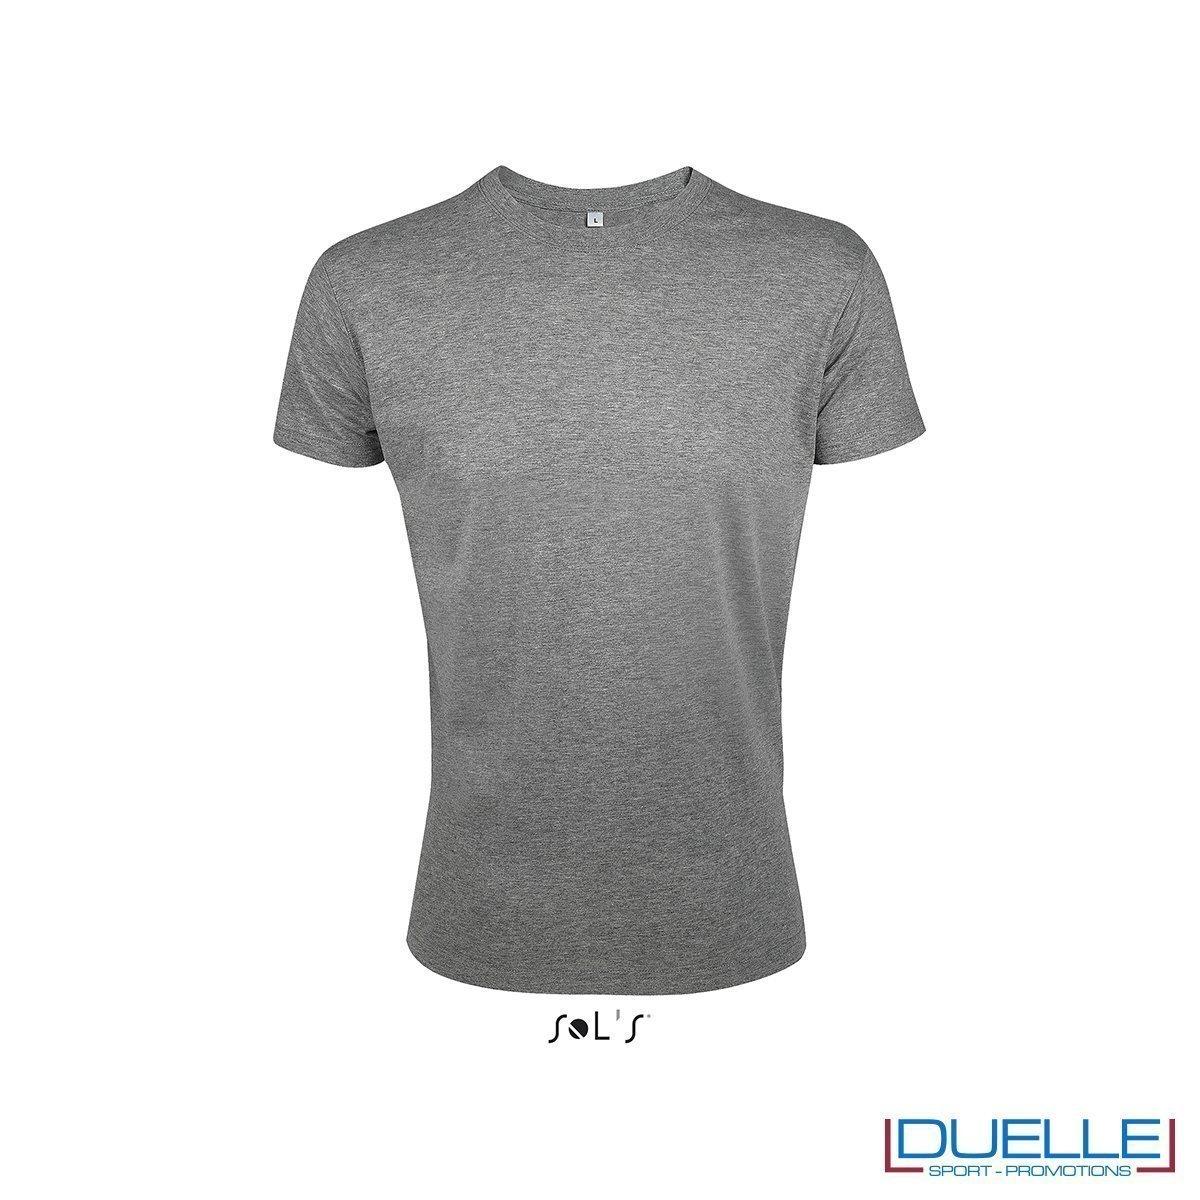 T-shirt uomo personalizzata slim-fit girocollo colore grigio antracite